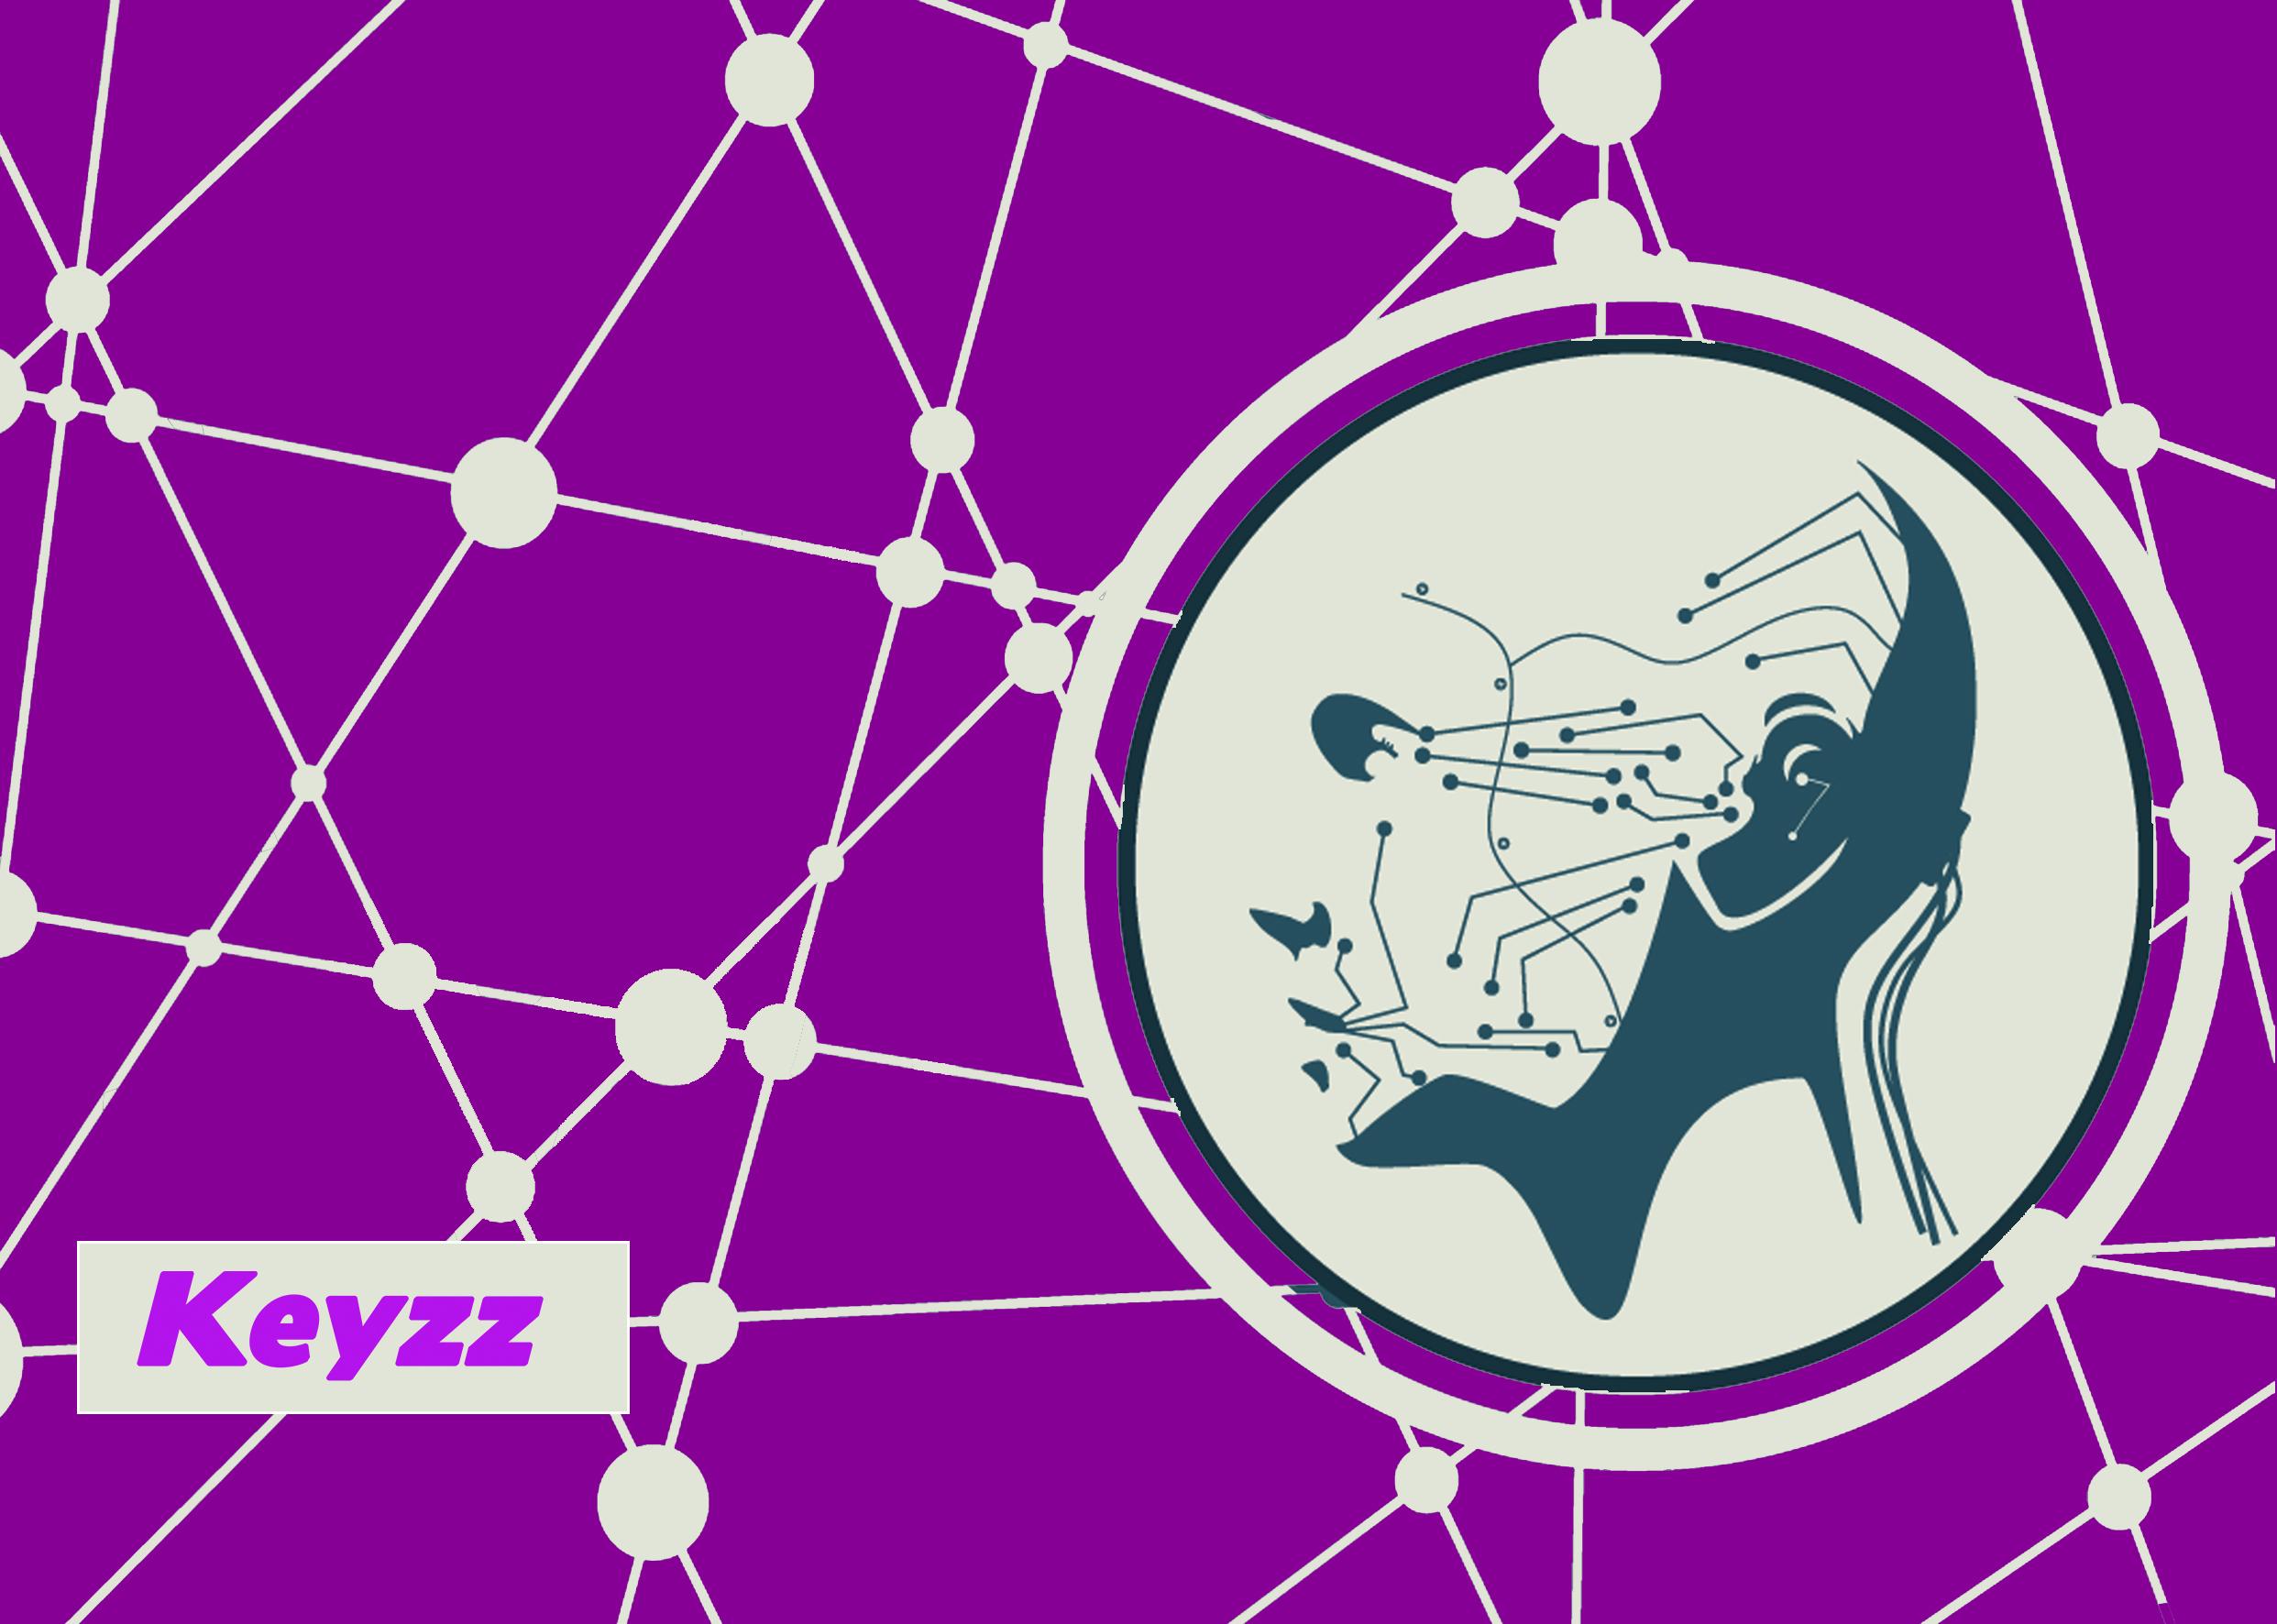 Keyzz_blog_salesman_4.0_inbound_marketing